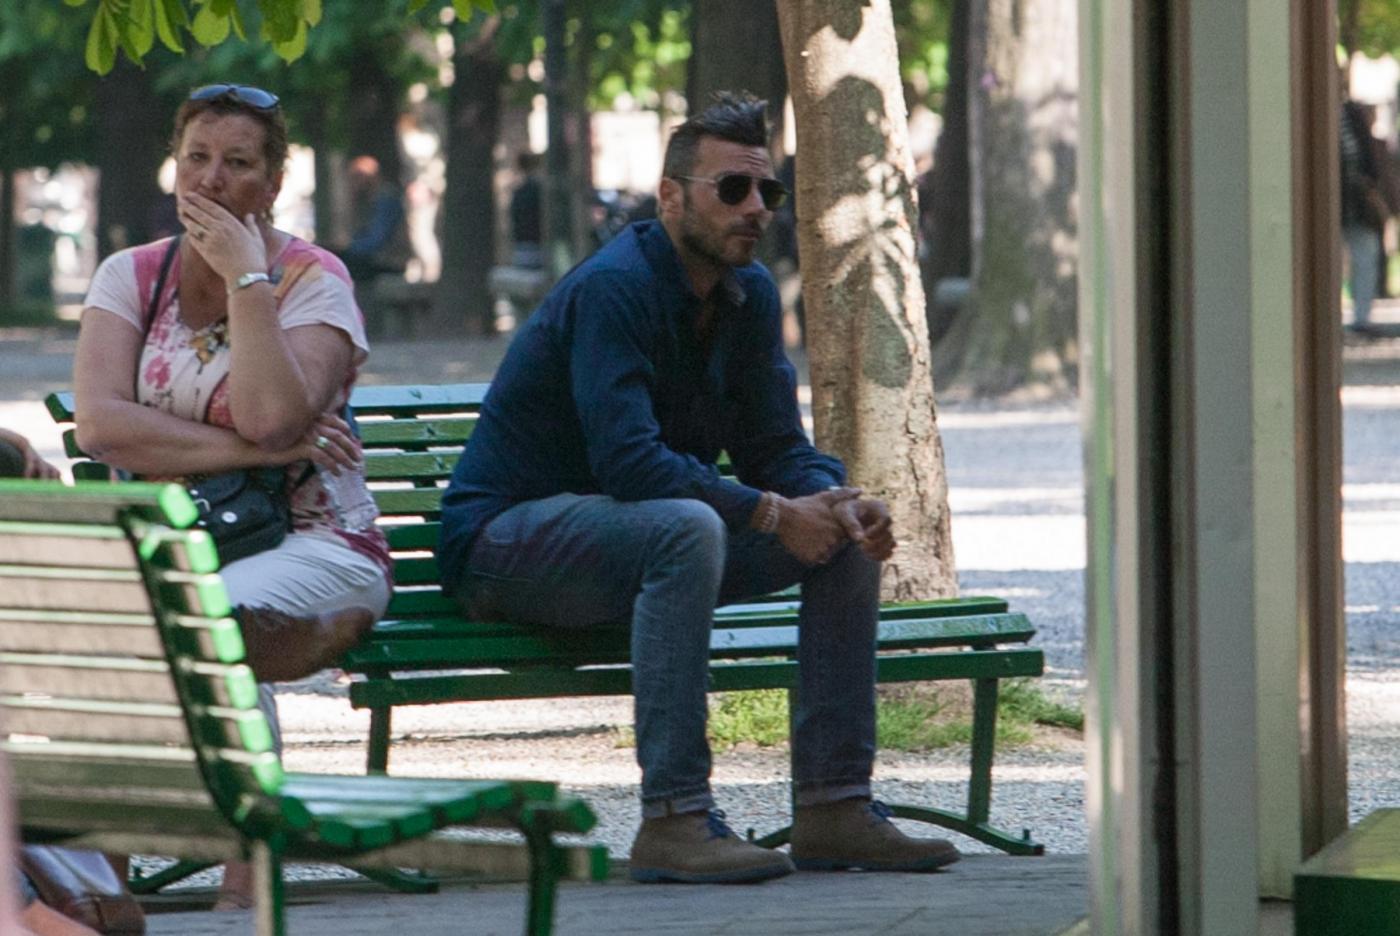 Daniele interrante in versione pap al parco con figlia chloe04 blitz quotidiano - Finestre pensione 2015 ...